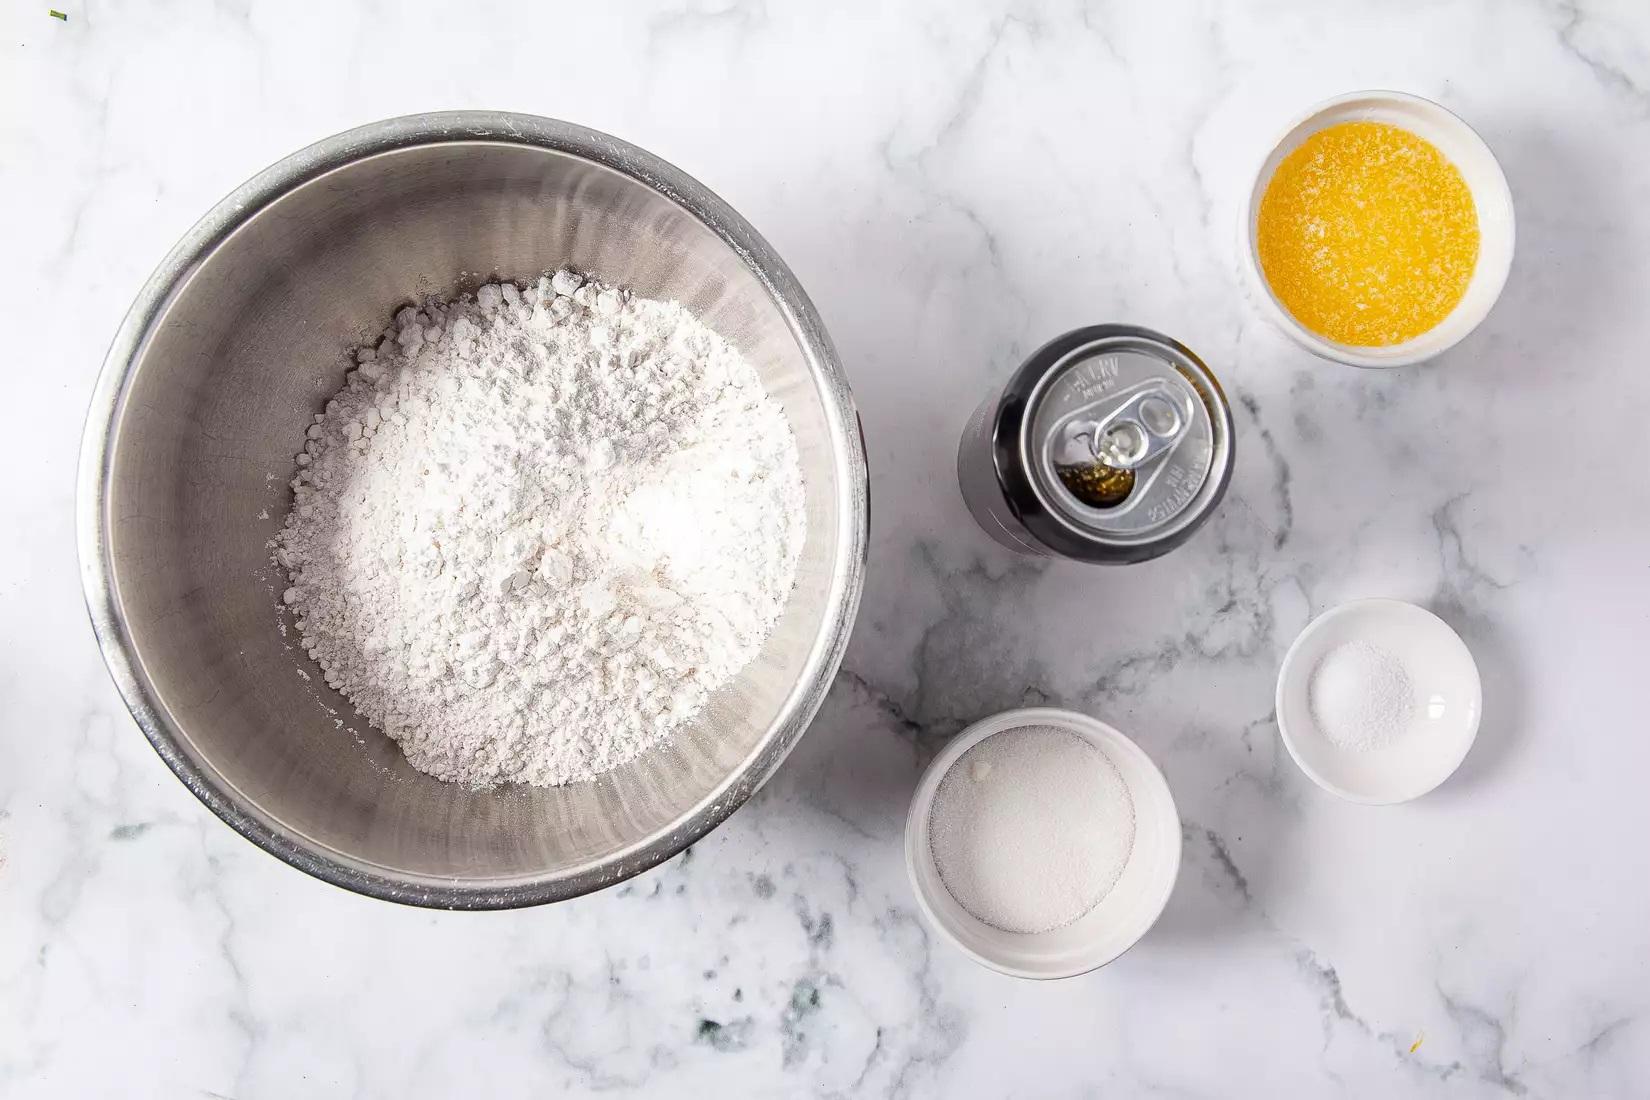 1/2 chén bơ không muối , đun chảy, thêm vào chảo 3 cốc bột mì tự nổi 1/4 cốc đường 1/2 thìa cà phê muối 1 lon bia (12 ounce)